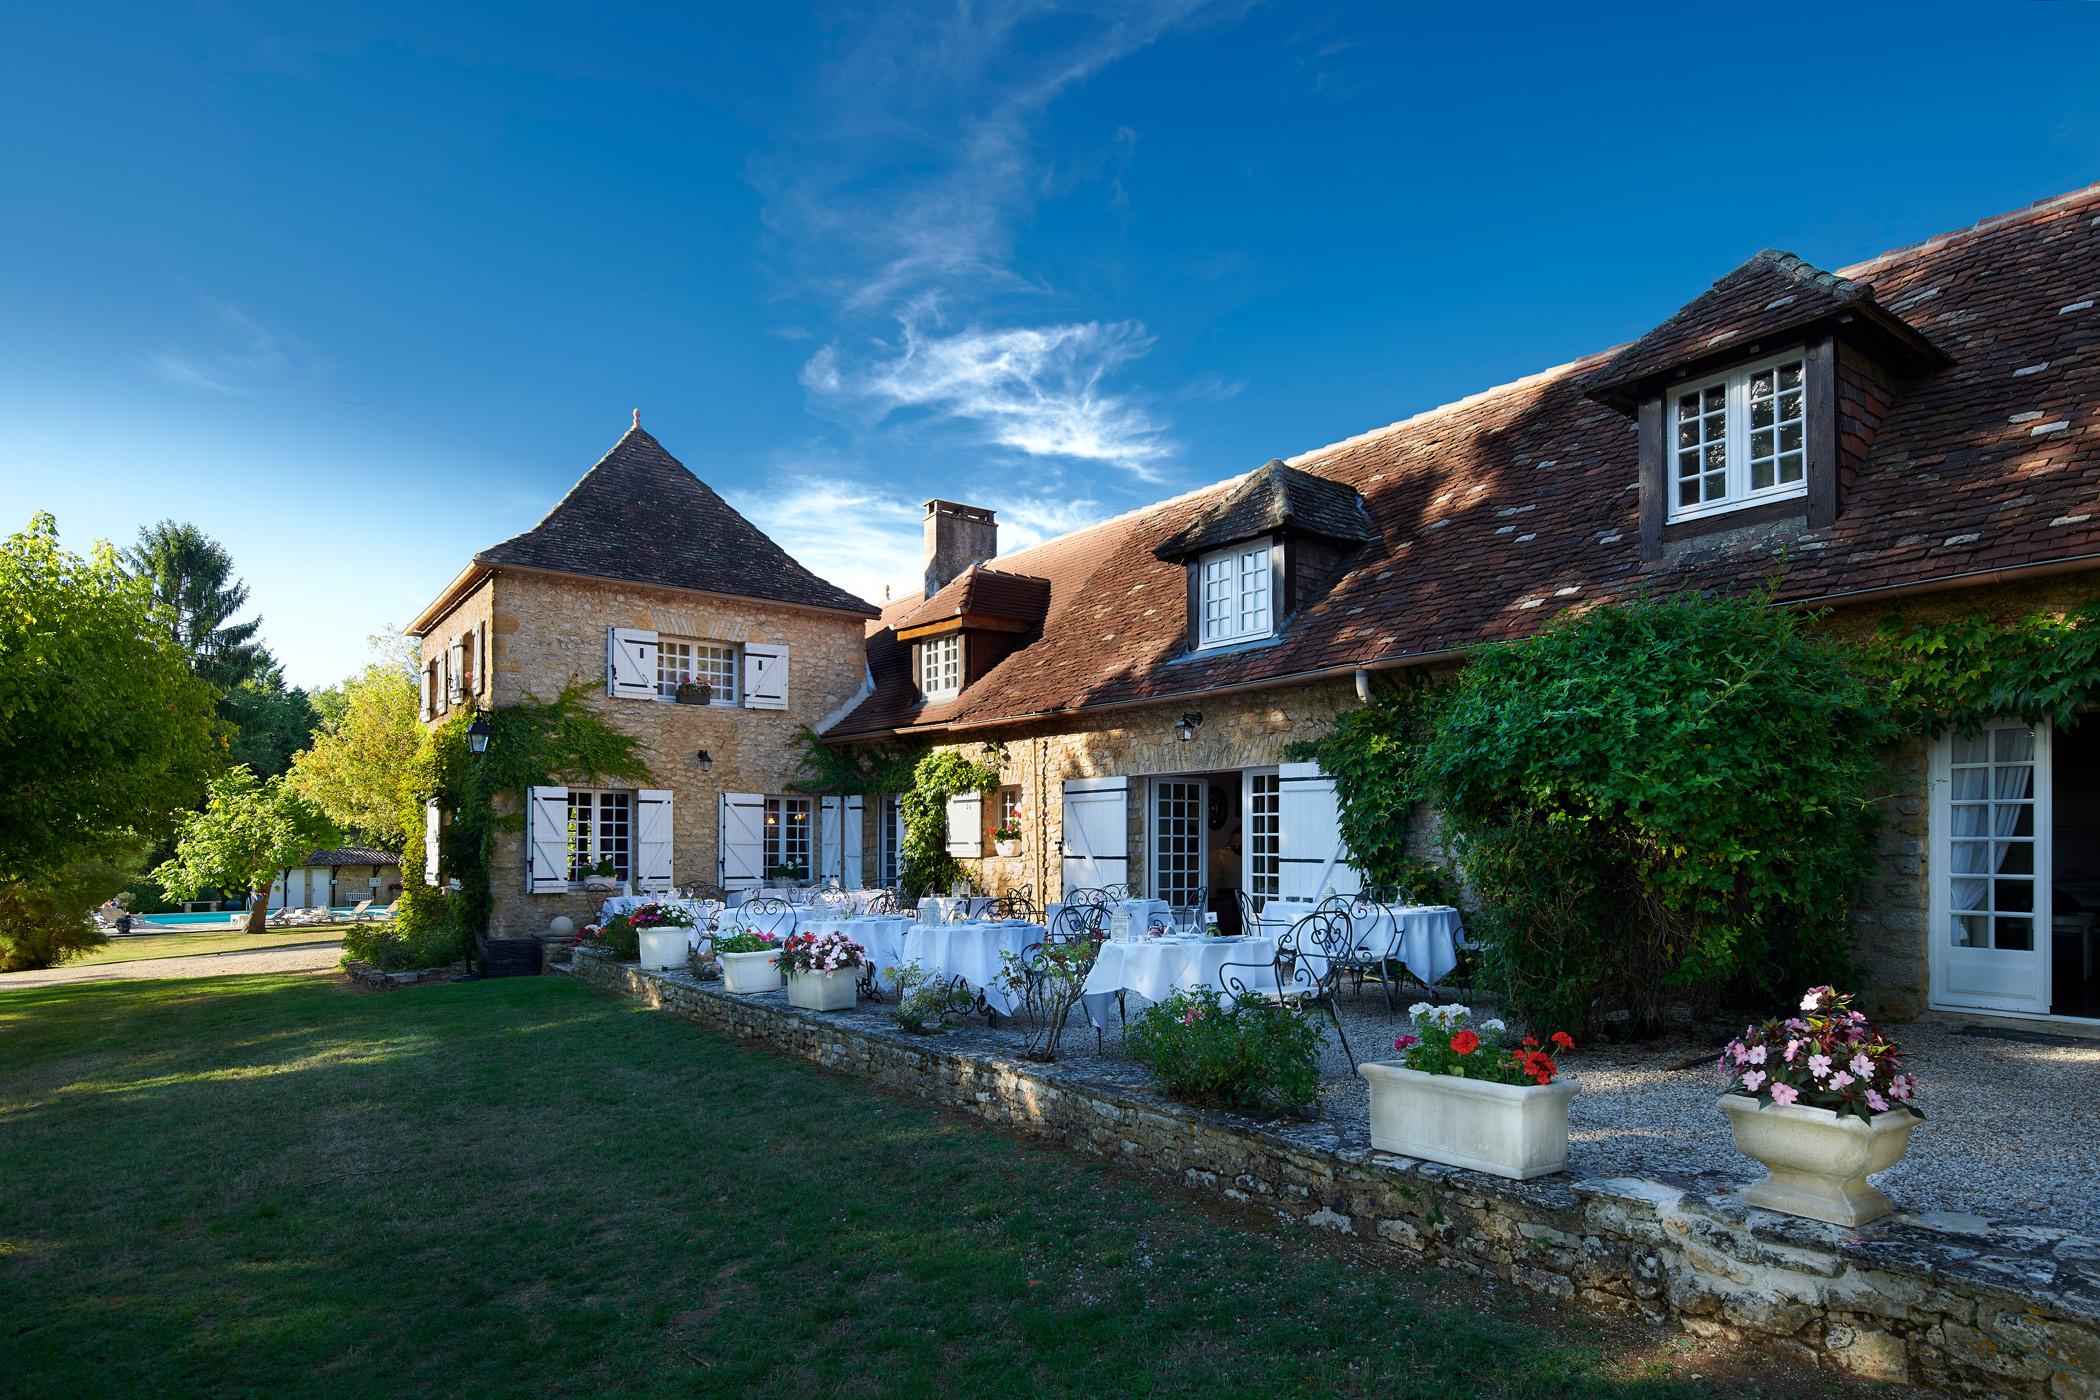 Die Terrasse des Hotels la métairie in Mauzac in der Dordogne